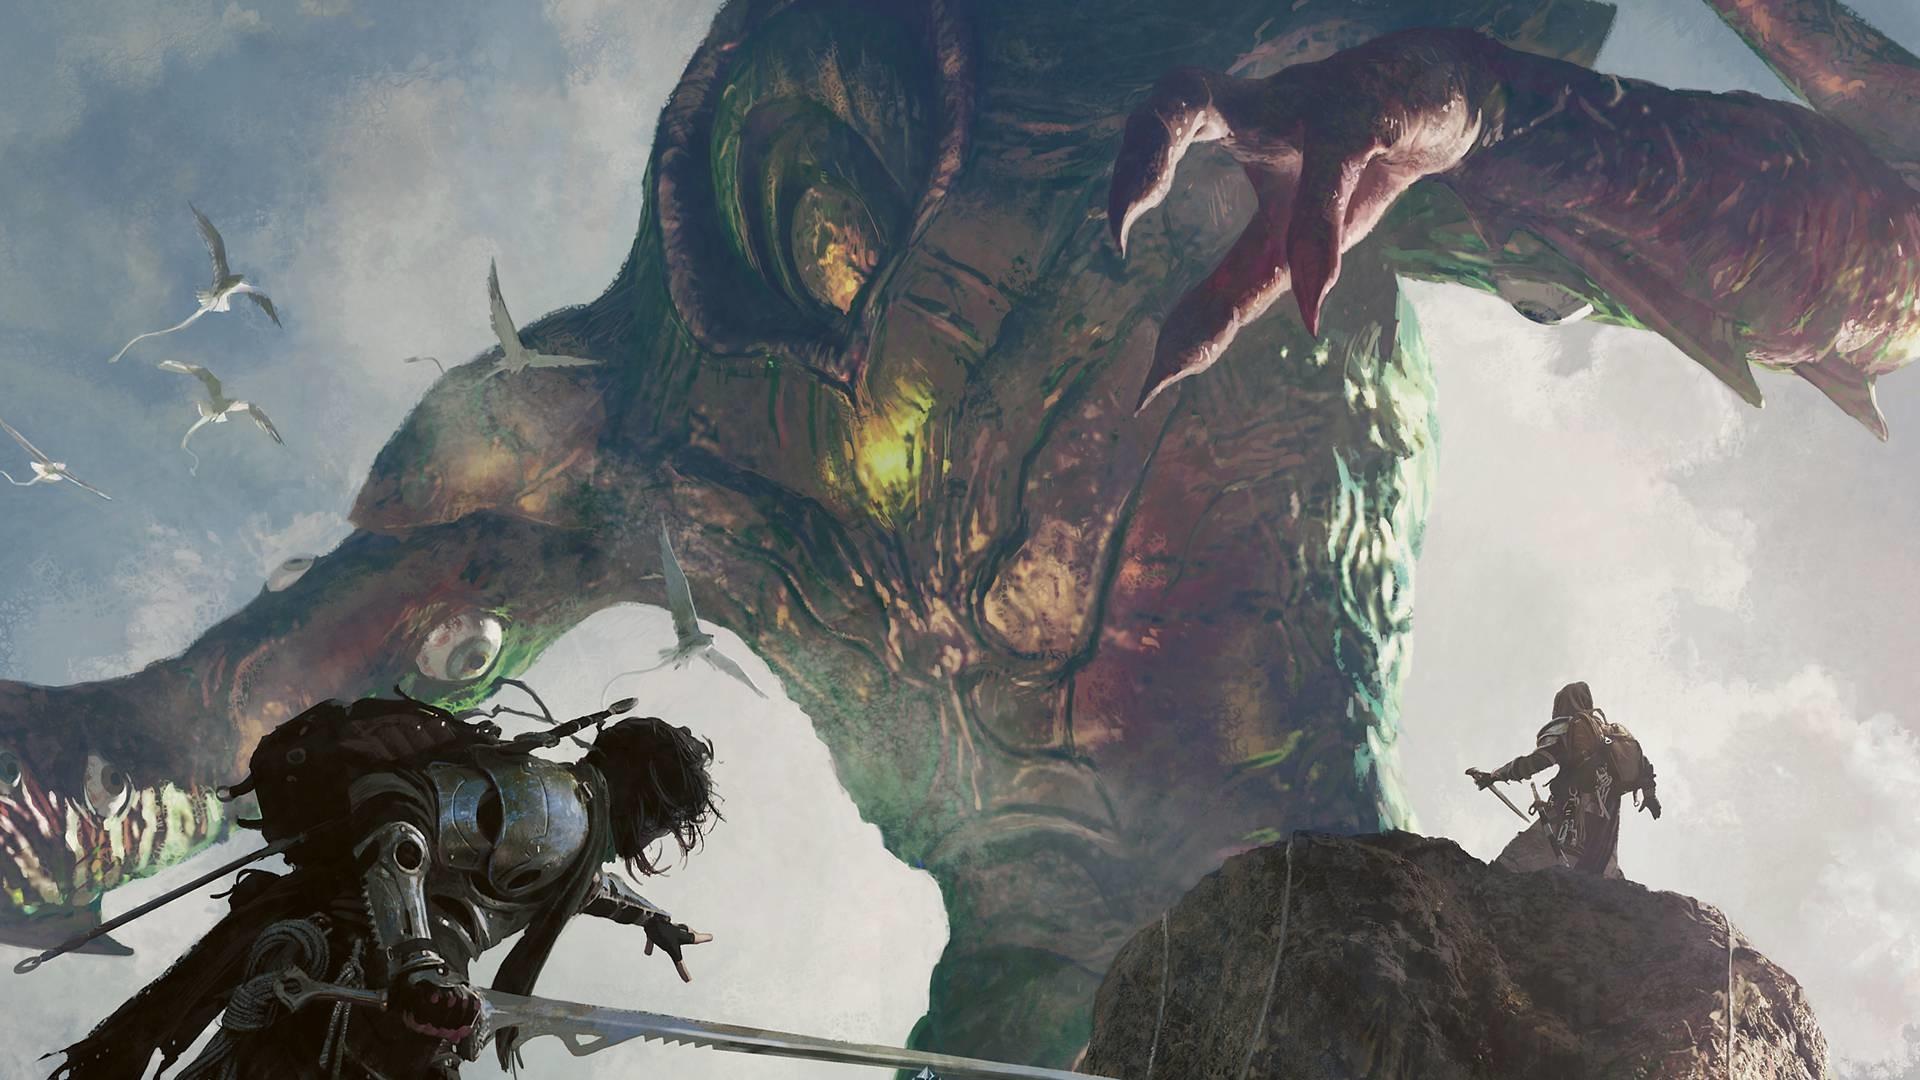 Res: 1920x1080, Fantasy god battle epic wallpaper HD.